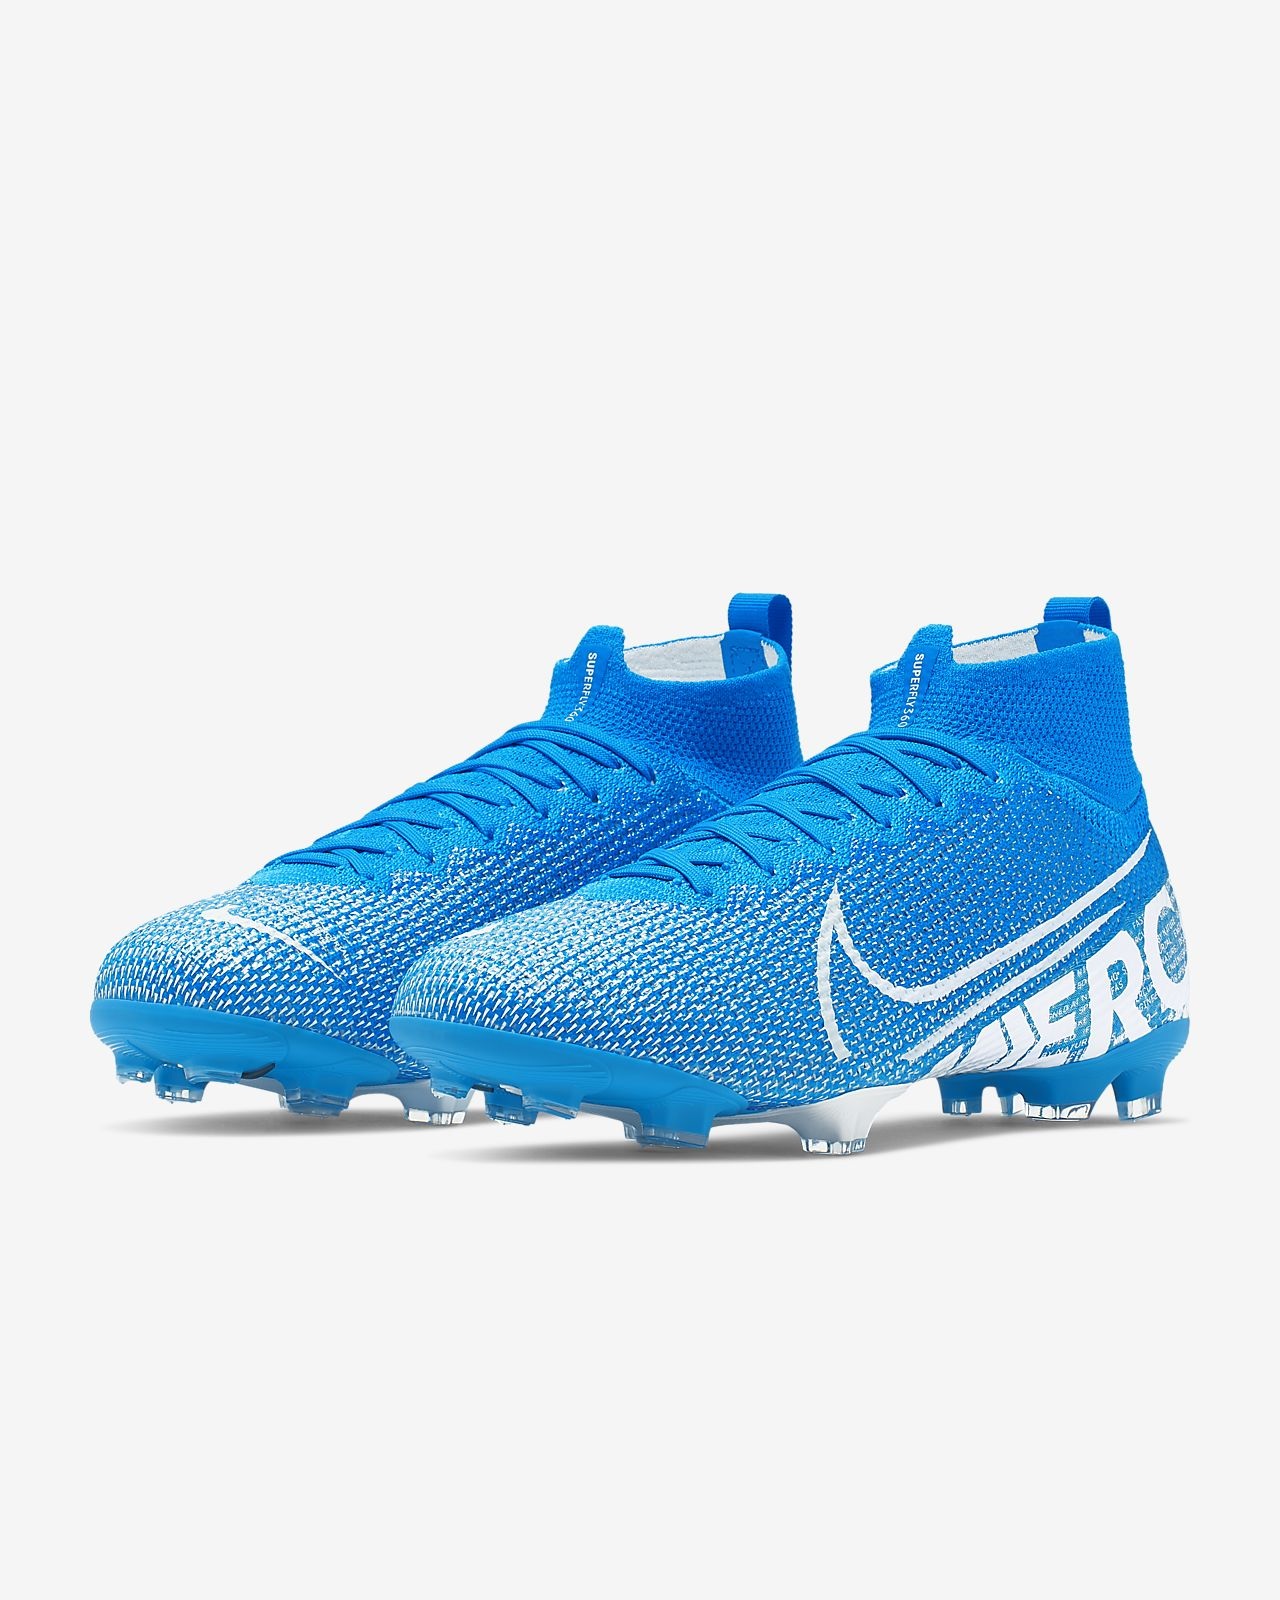 Nike Mercurial Superfly 7 Elite FG futballcipő normál talajra